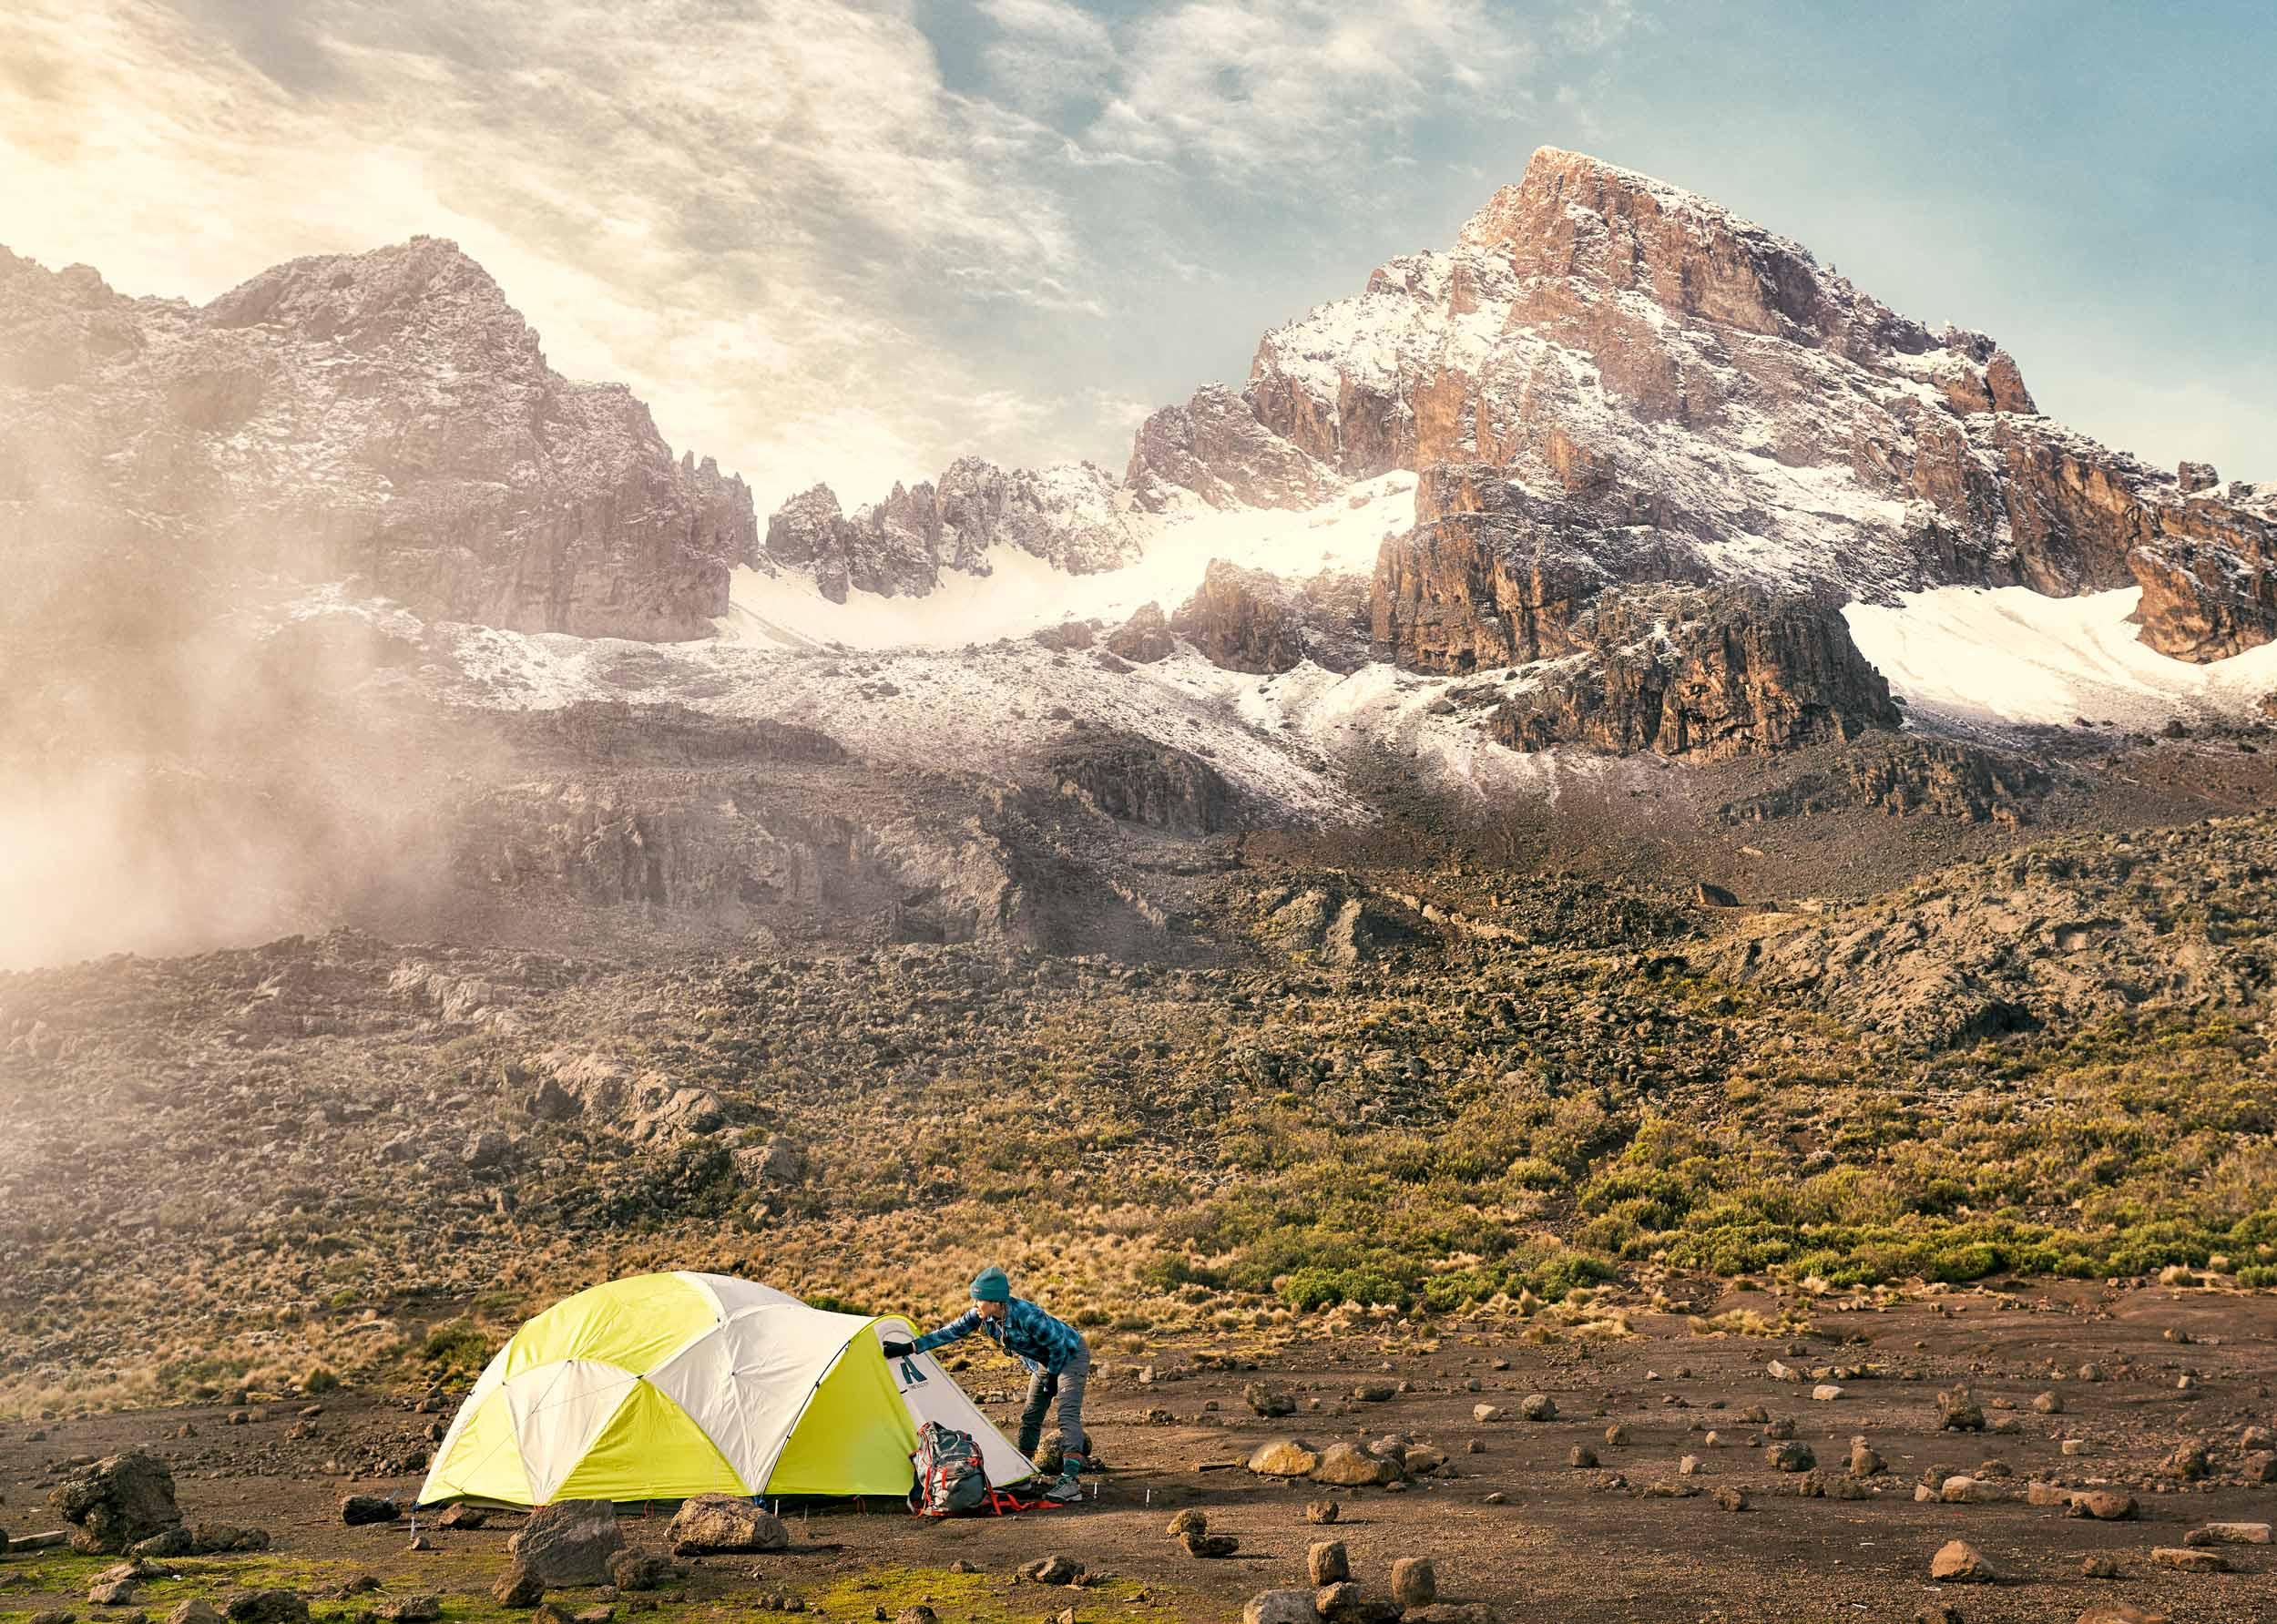 032618-EB_Kilimanjaro_0221